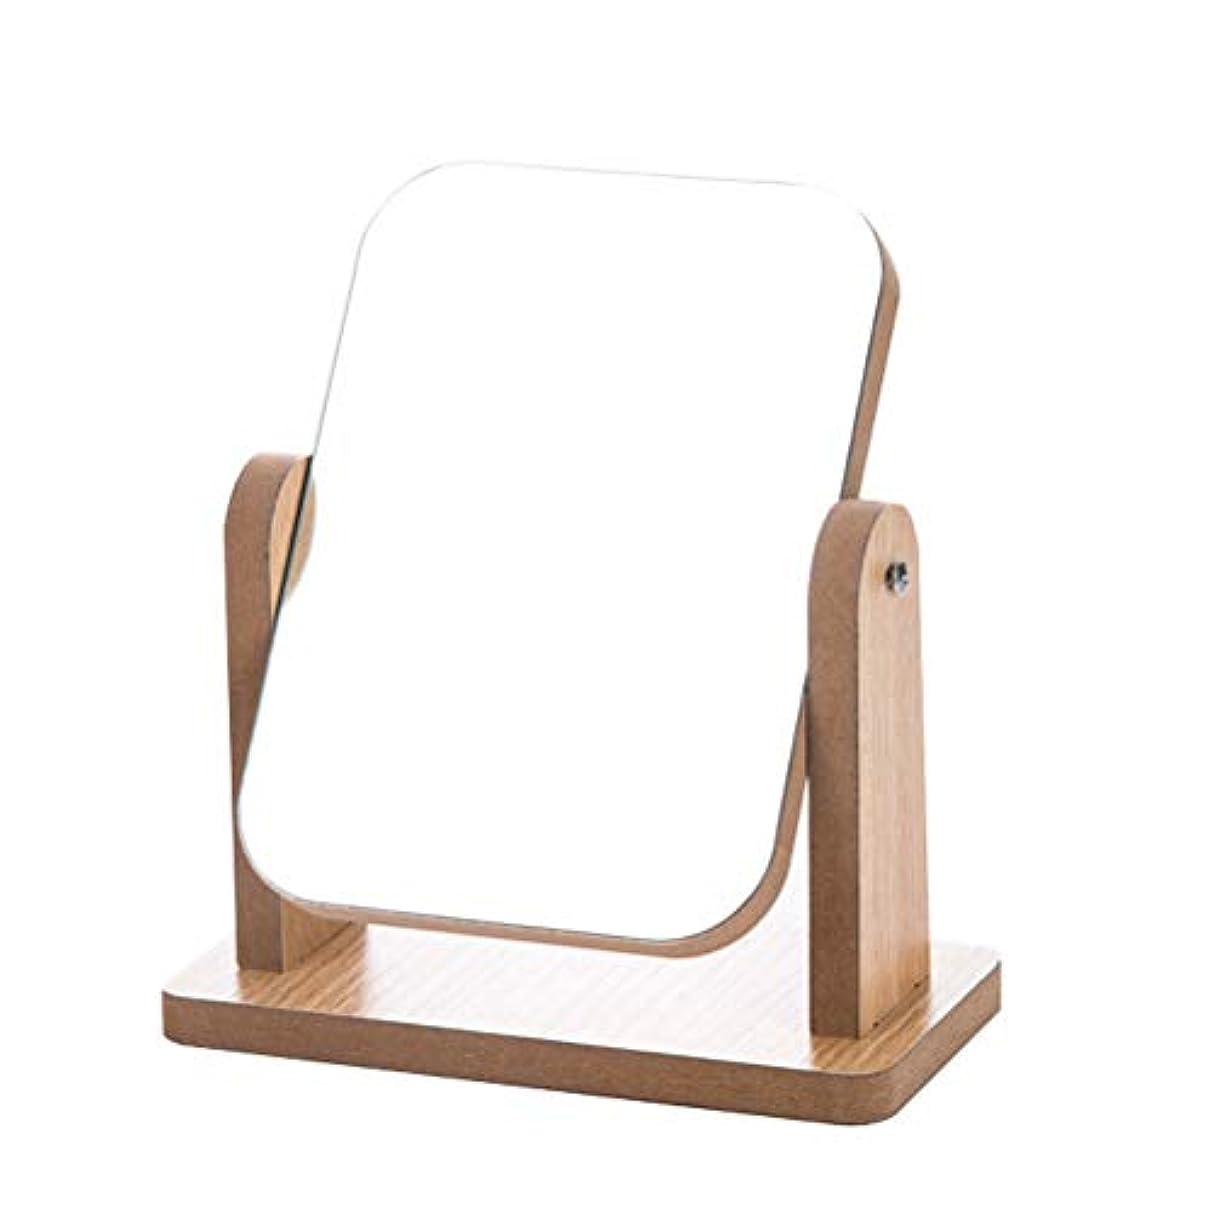 戦争ムスタチオによってLurrose 卓上化粧台ミラー長方形折りたたみ木製デスクトップミラー寝室の装飾化粧品ミラー(サイズL)